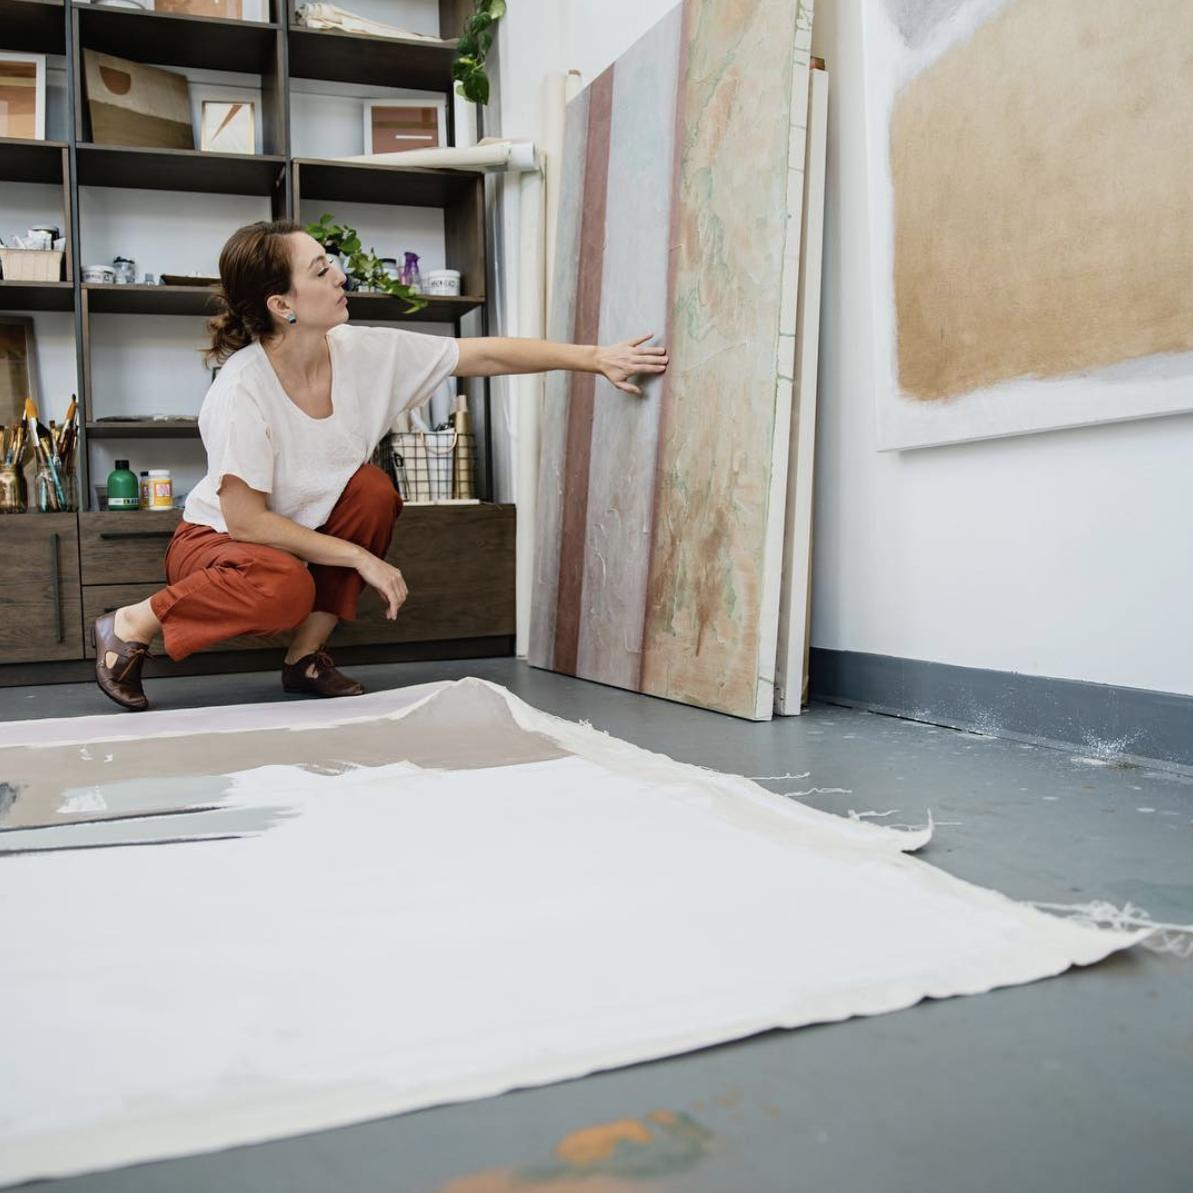 Marta-Staudinger-Curator-Art-Historian-Artist